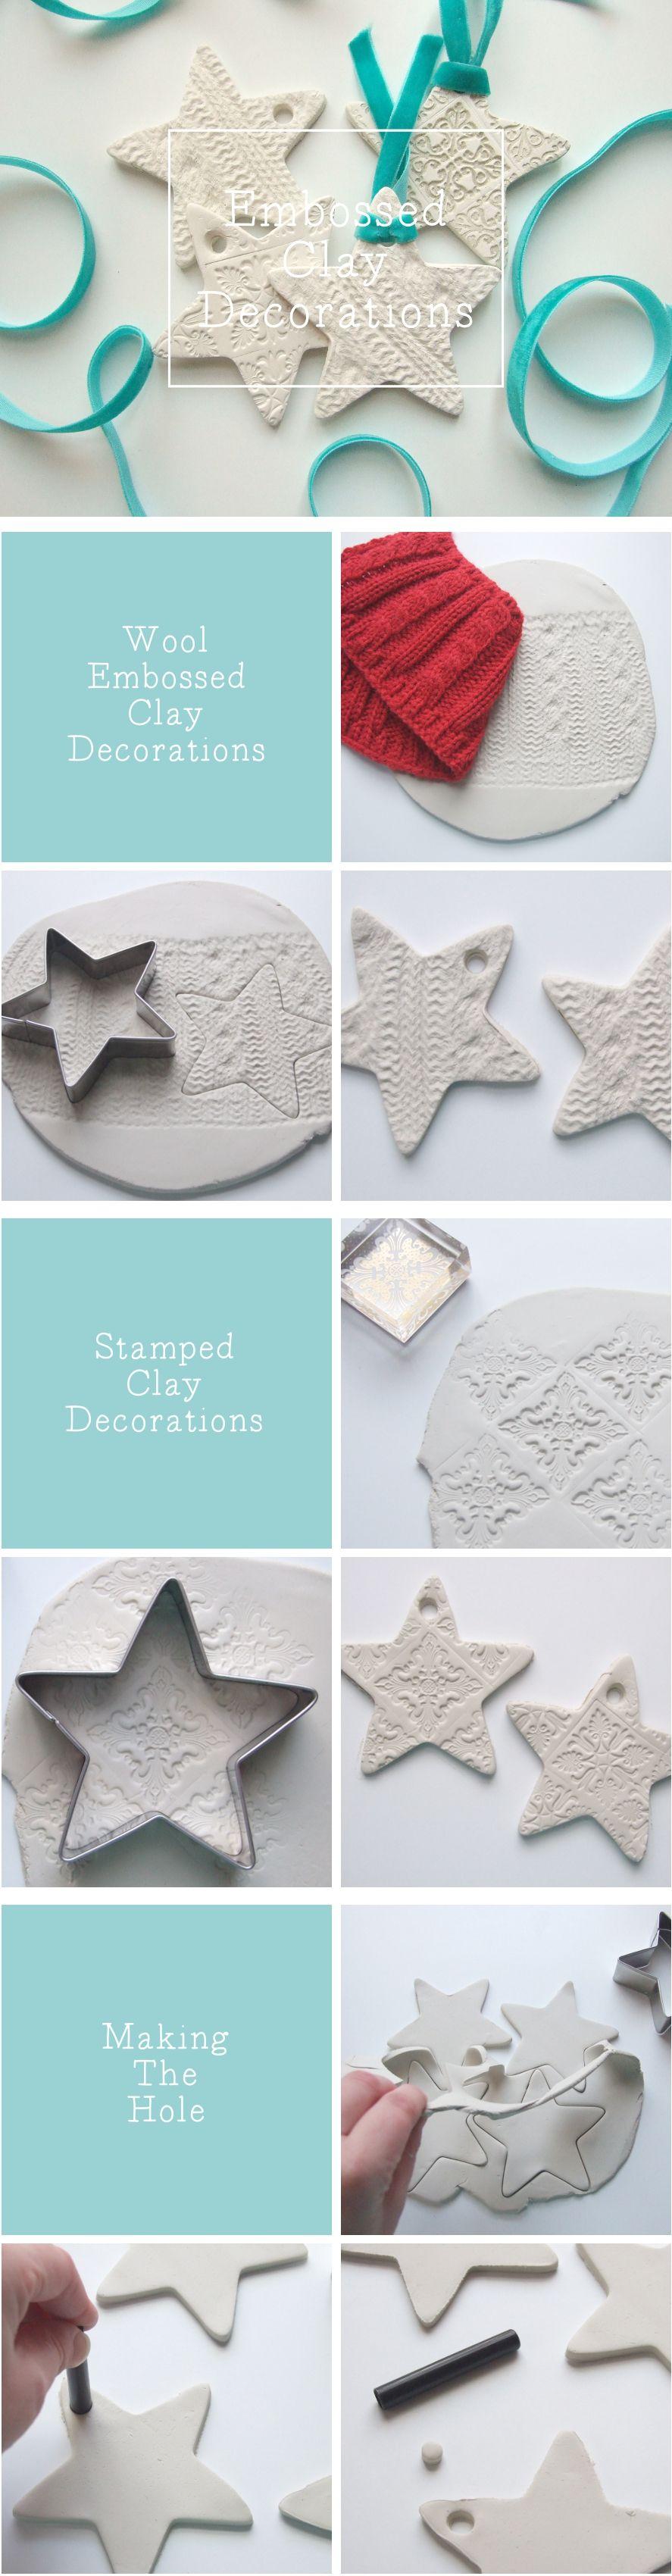 Diy Embossed Clay Star Decorations Gathering Beauty Diy Weihnachten Weihnachtsbasteln Basteln Weihnachten